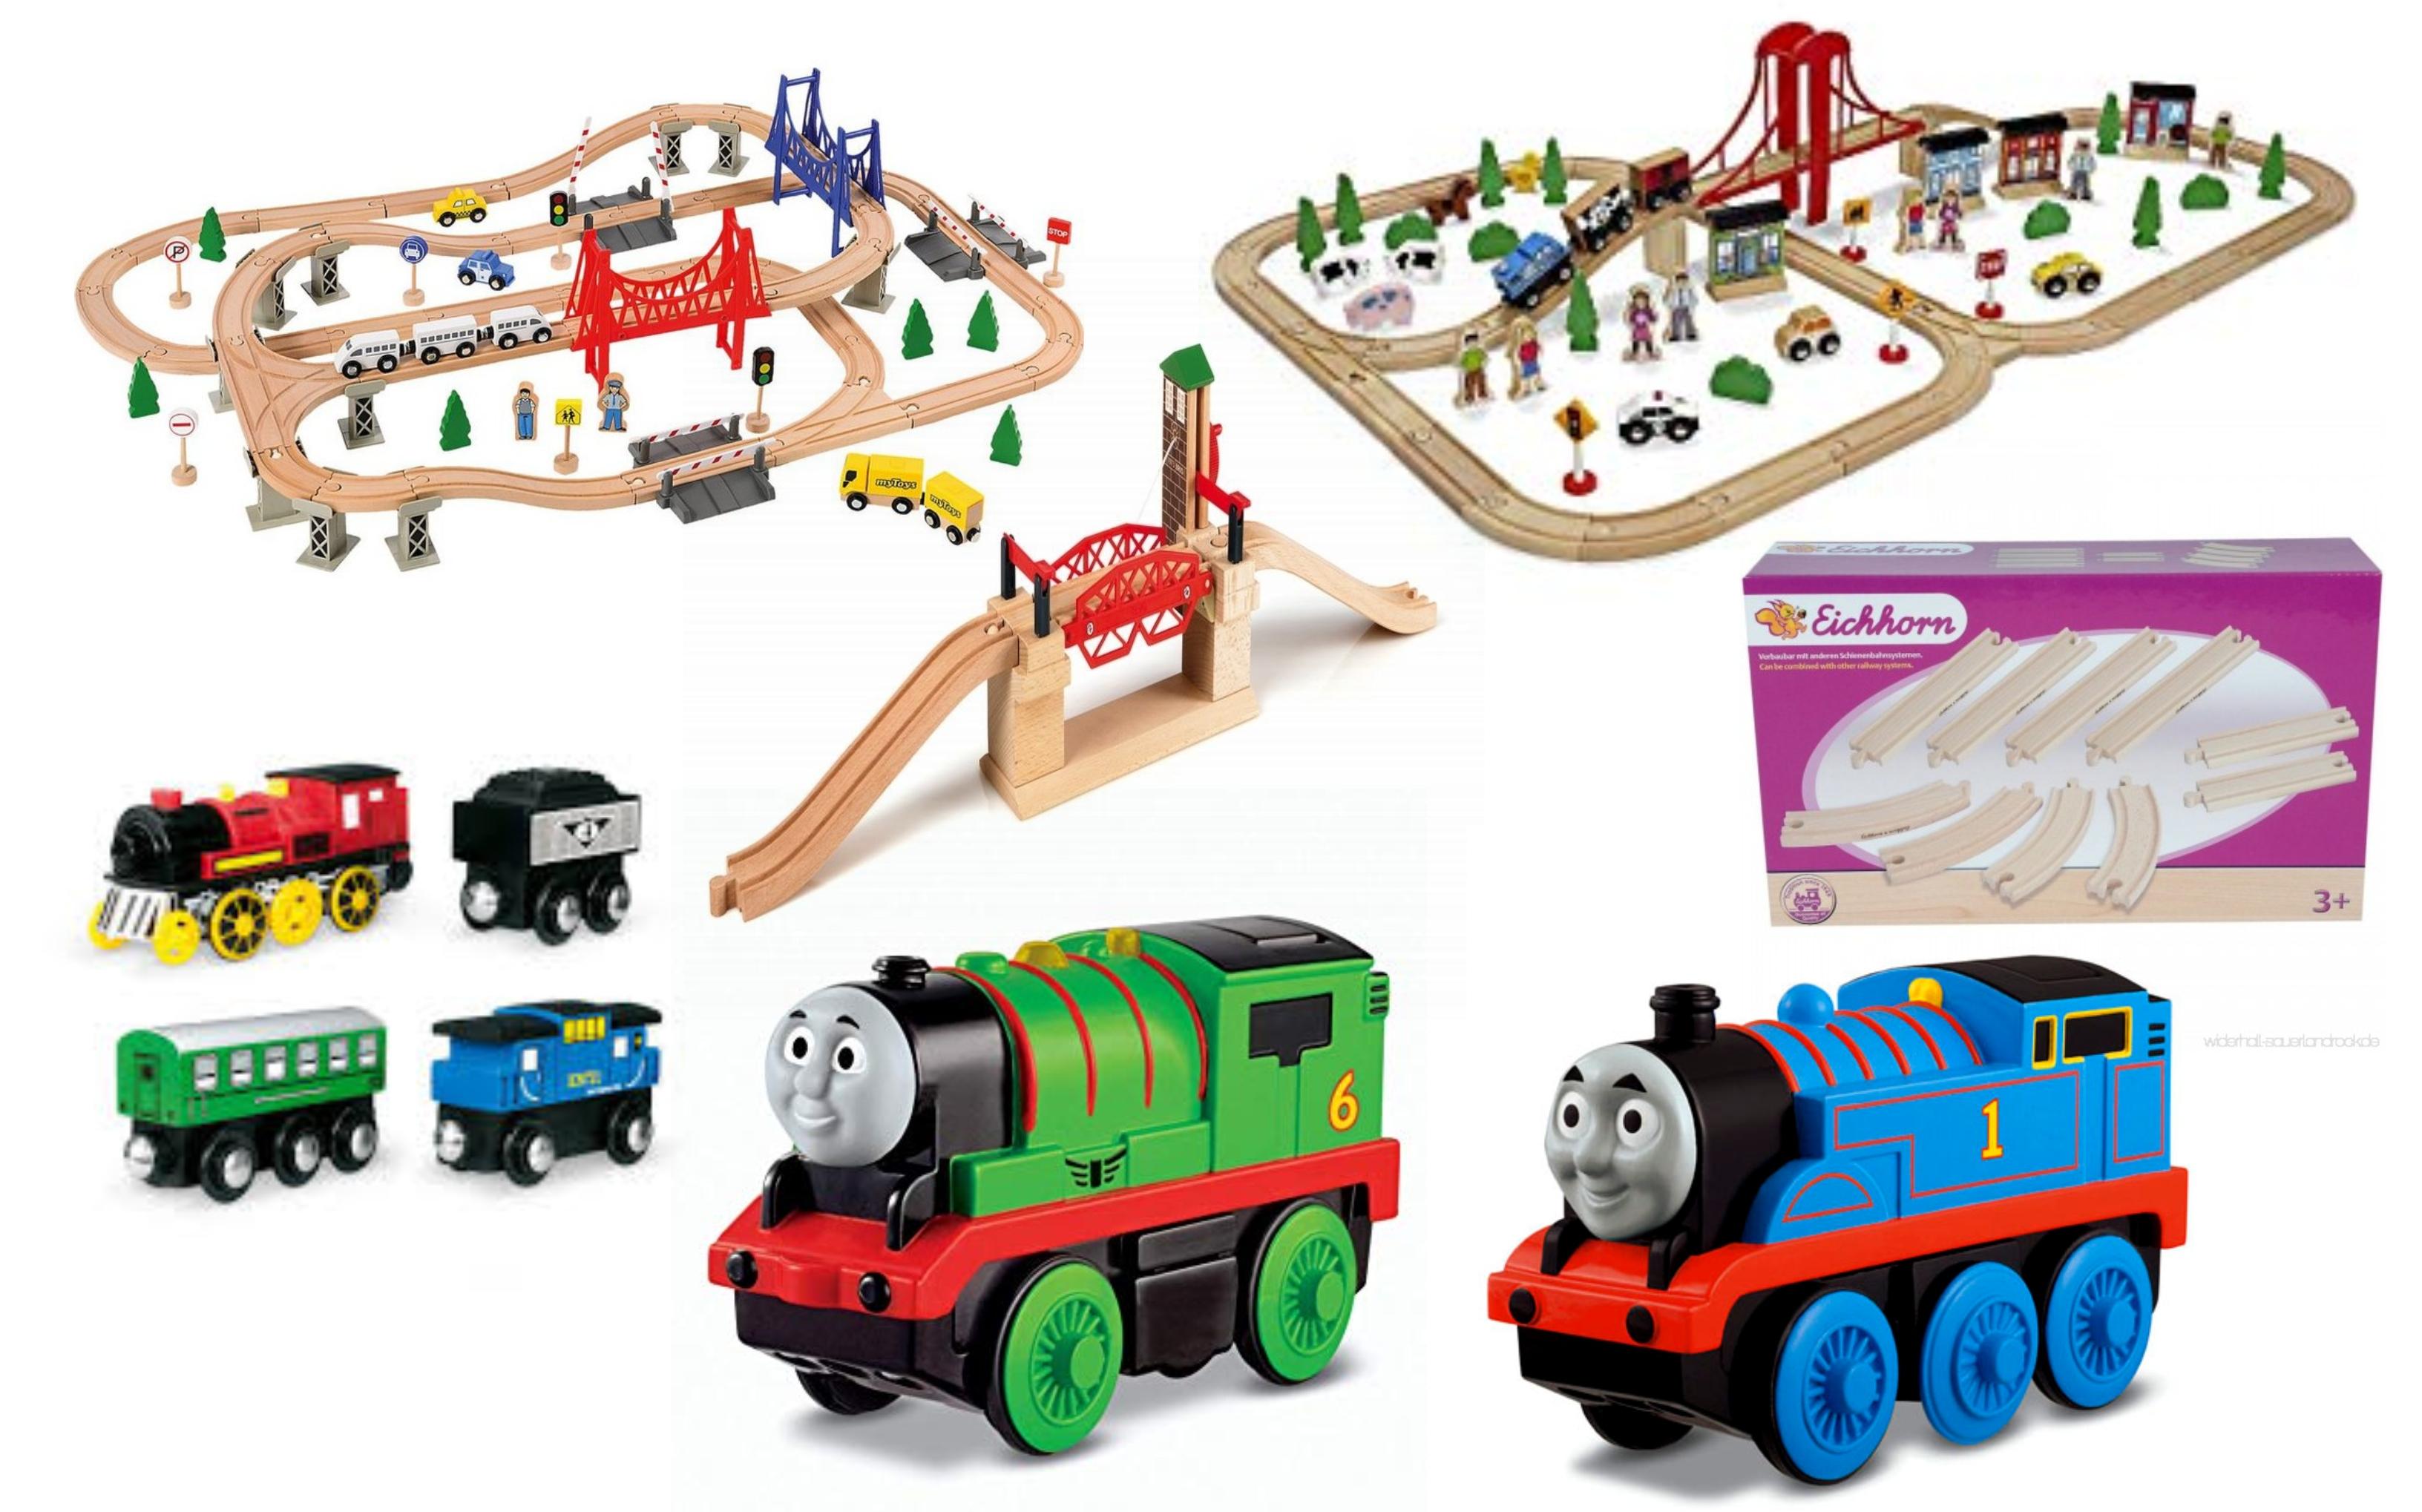 c810cdbc12f Esimene suurem vaimustus tekkis tal puidust rongitee osas. Seda juba 3  aastat tagasi. Esialgu pidin küll mina ehitama talle tee valmis, millega ta  siis ...